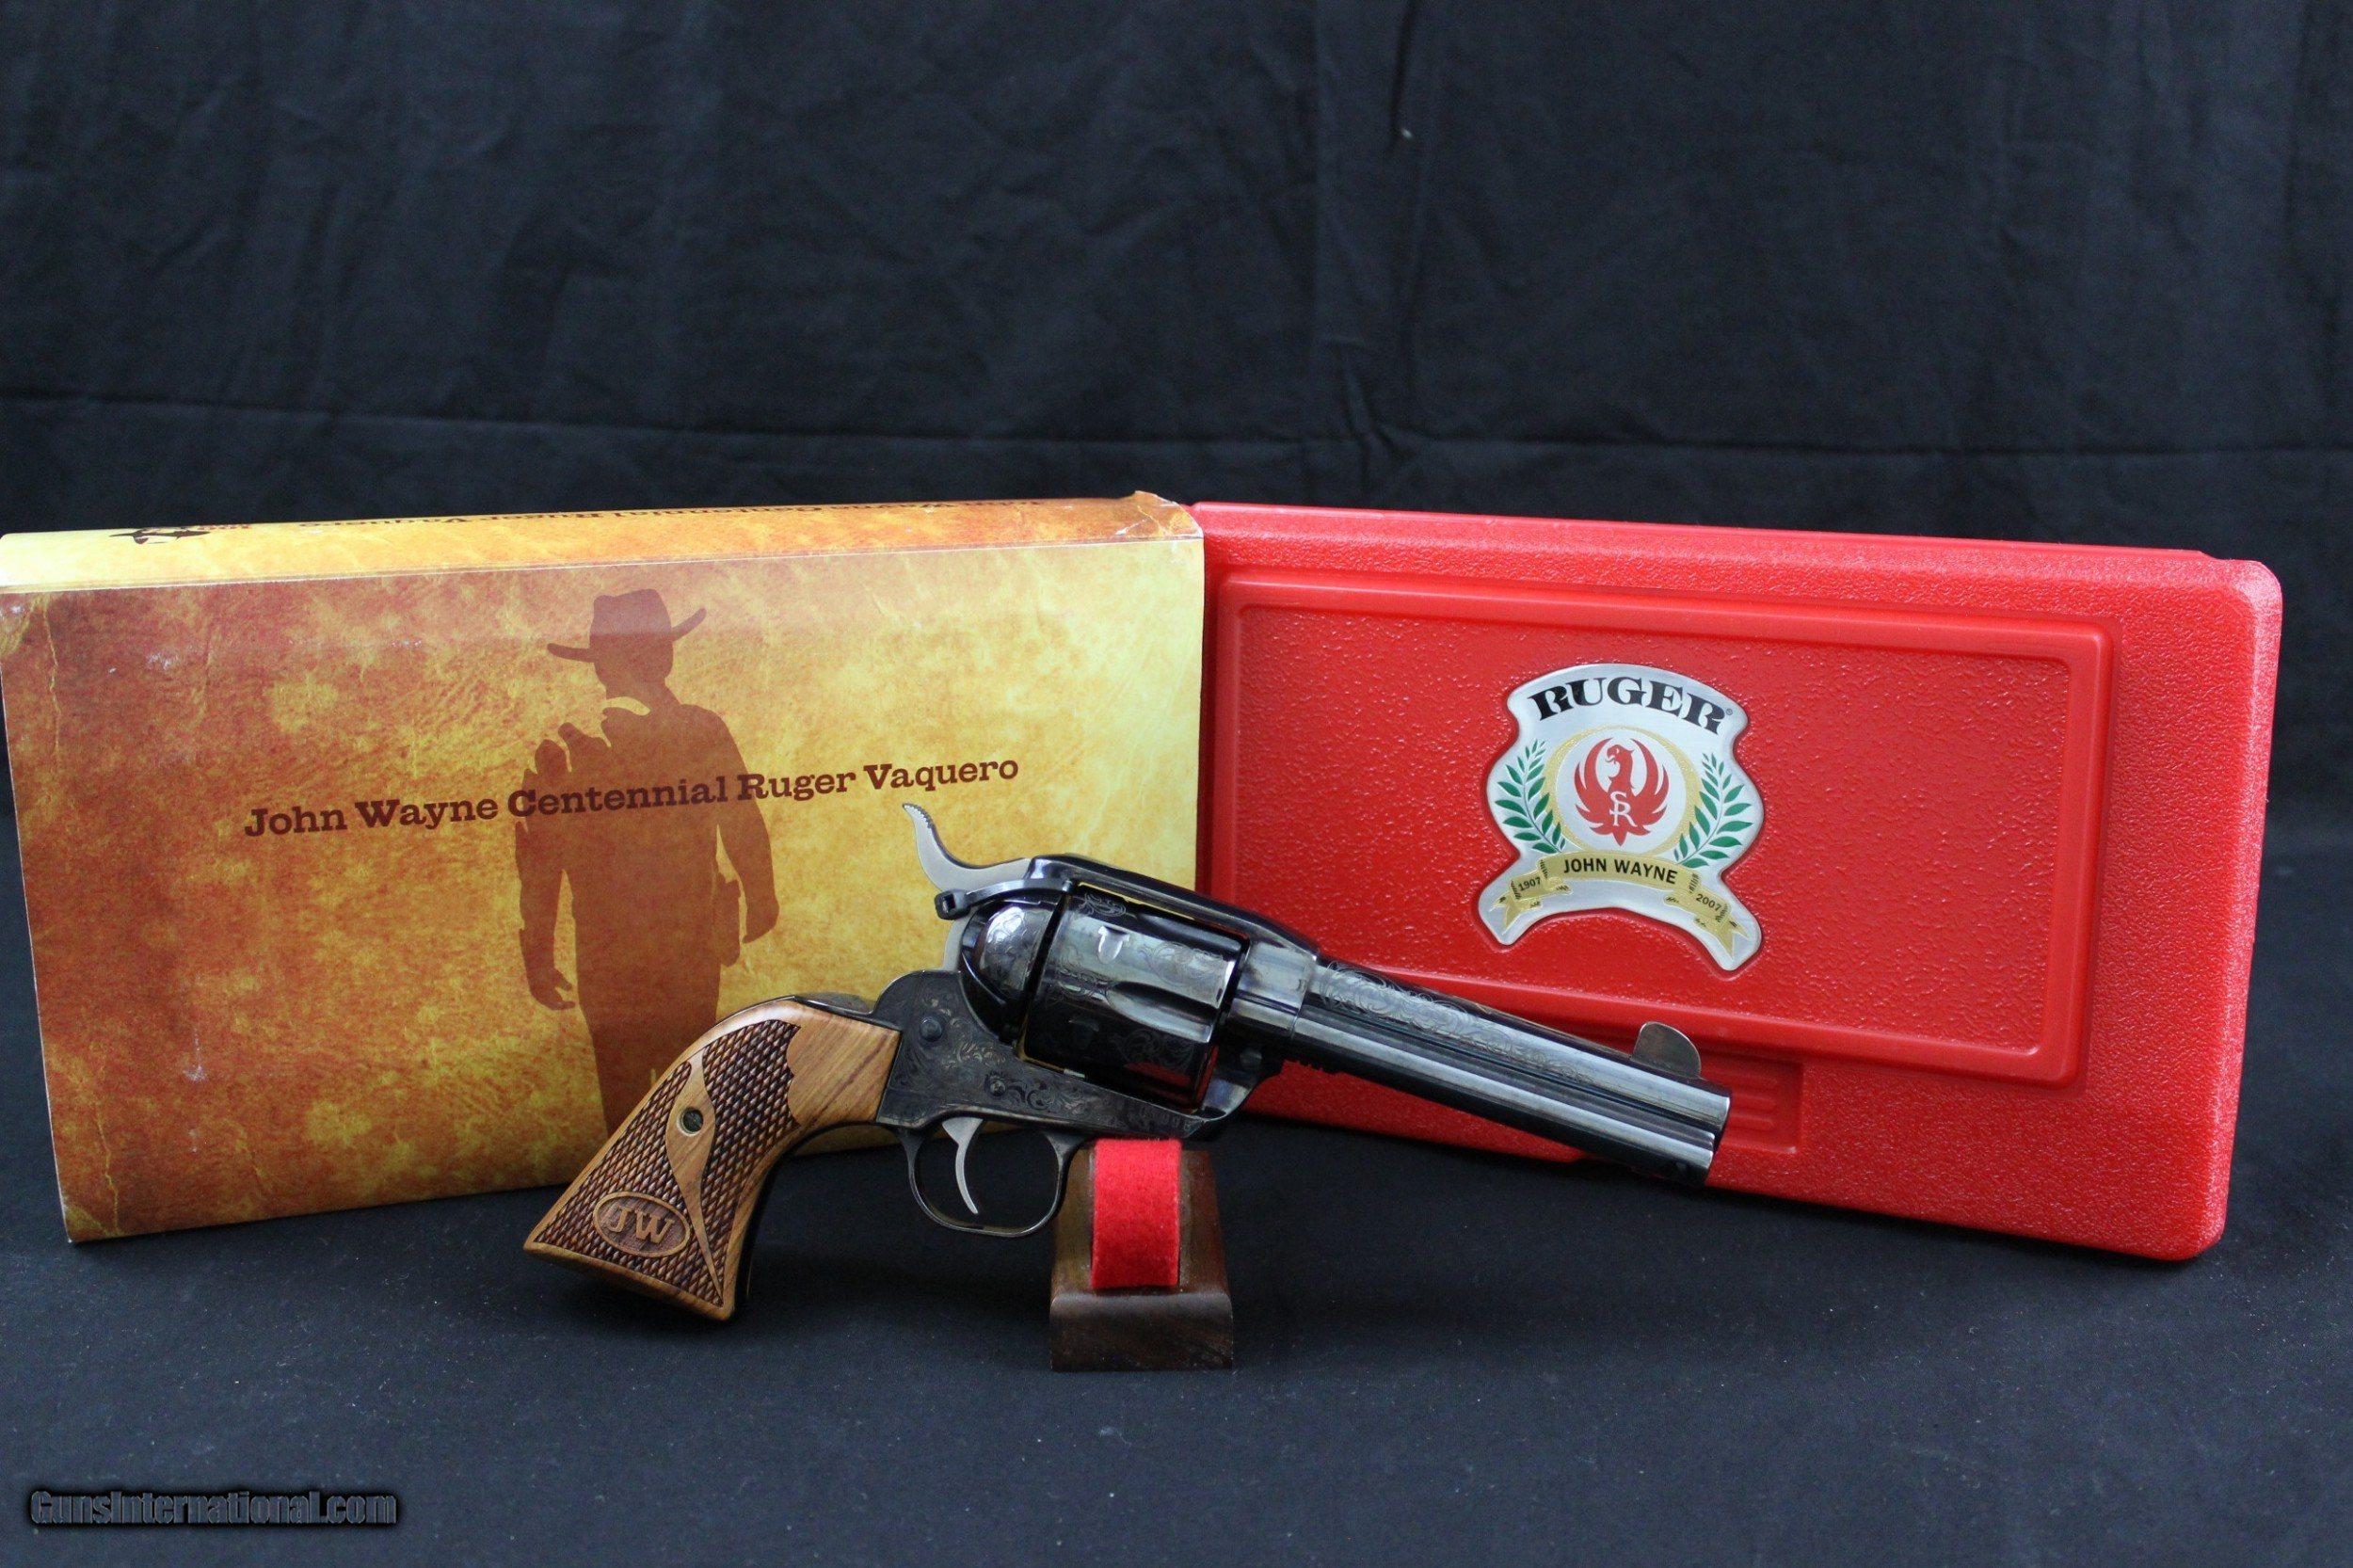 Ruger New Vaquero John Wayne Ltd